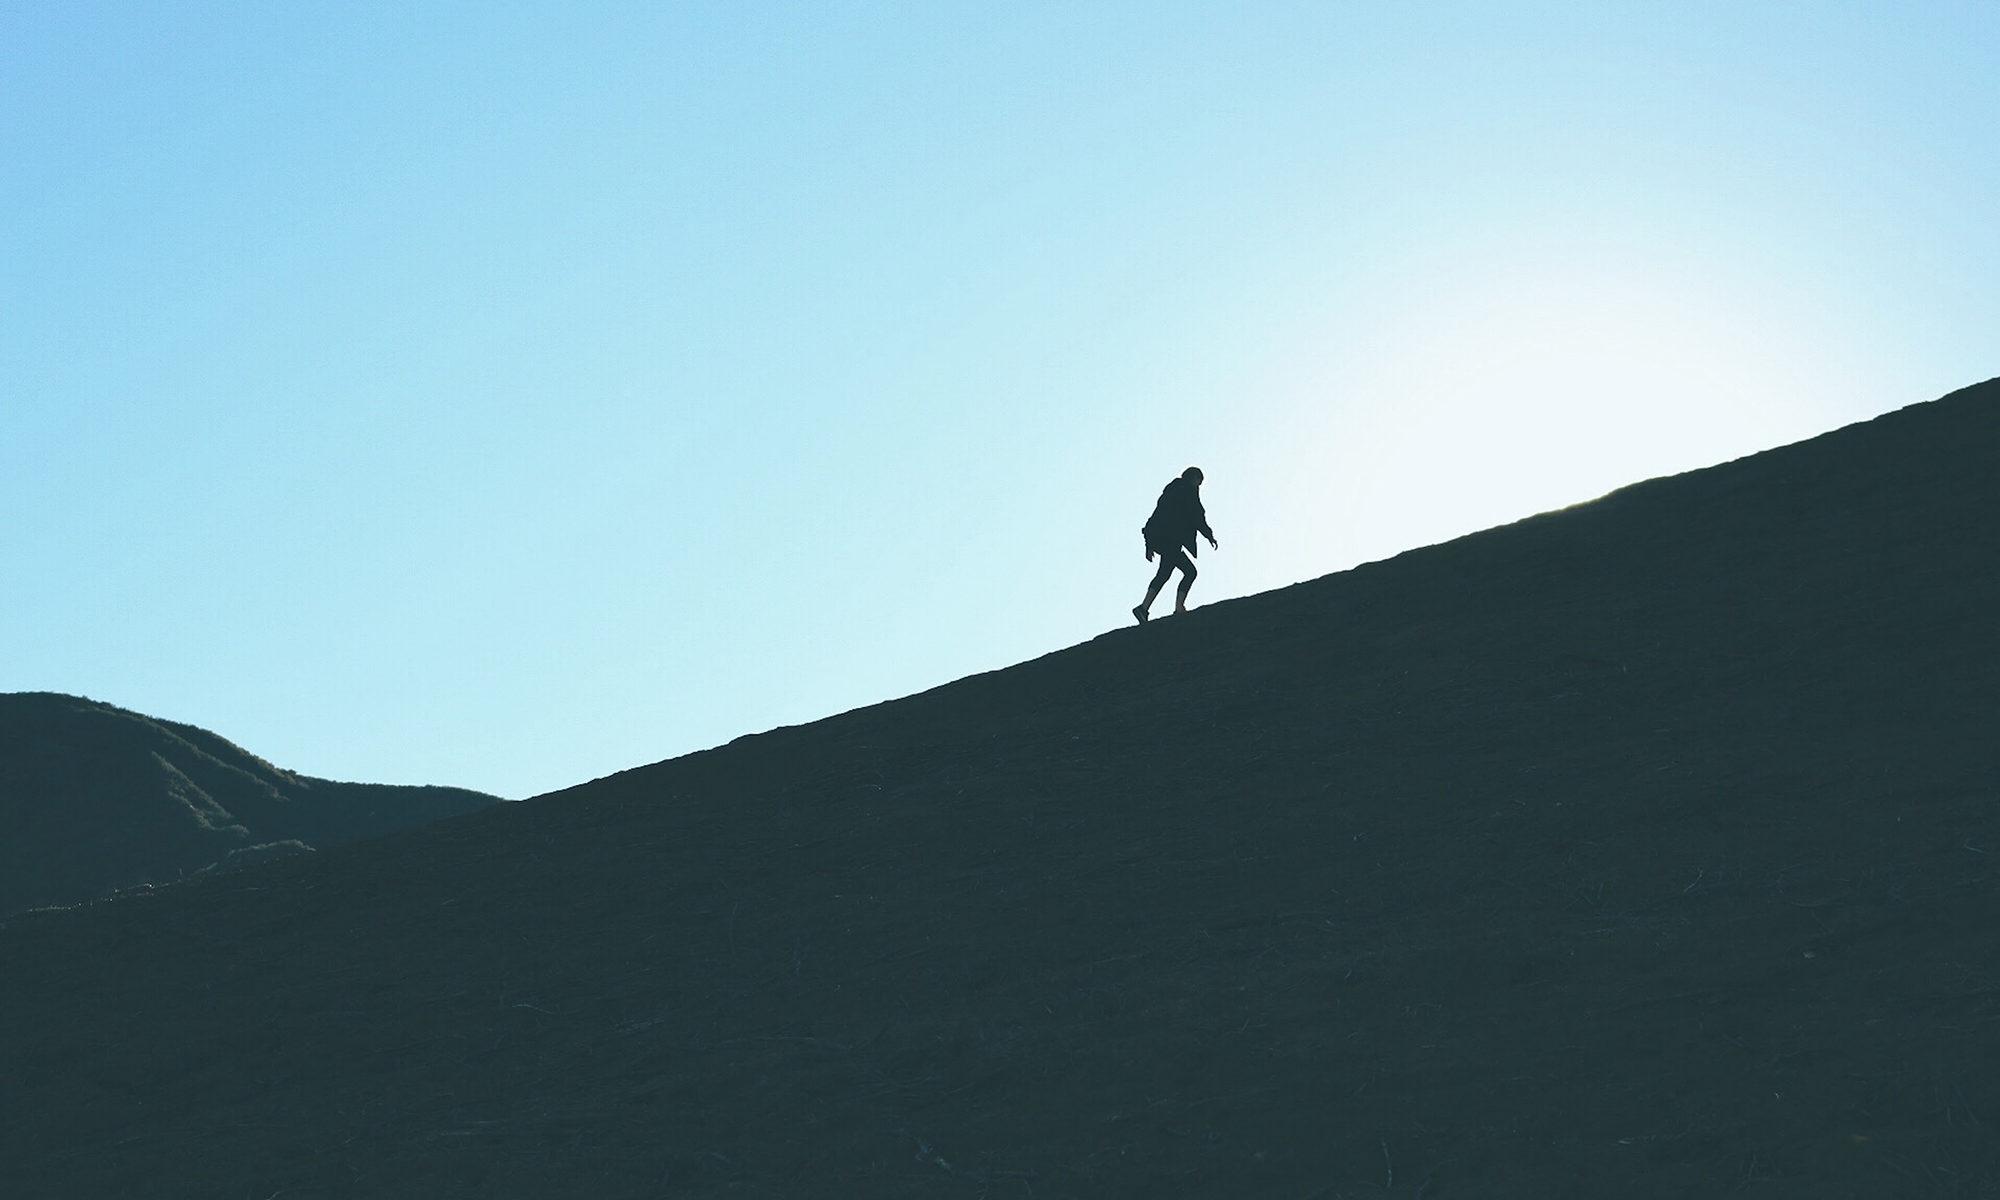 difficoltà - psicologia età adulta - percorso - montagna - salita - camminare - fatica